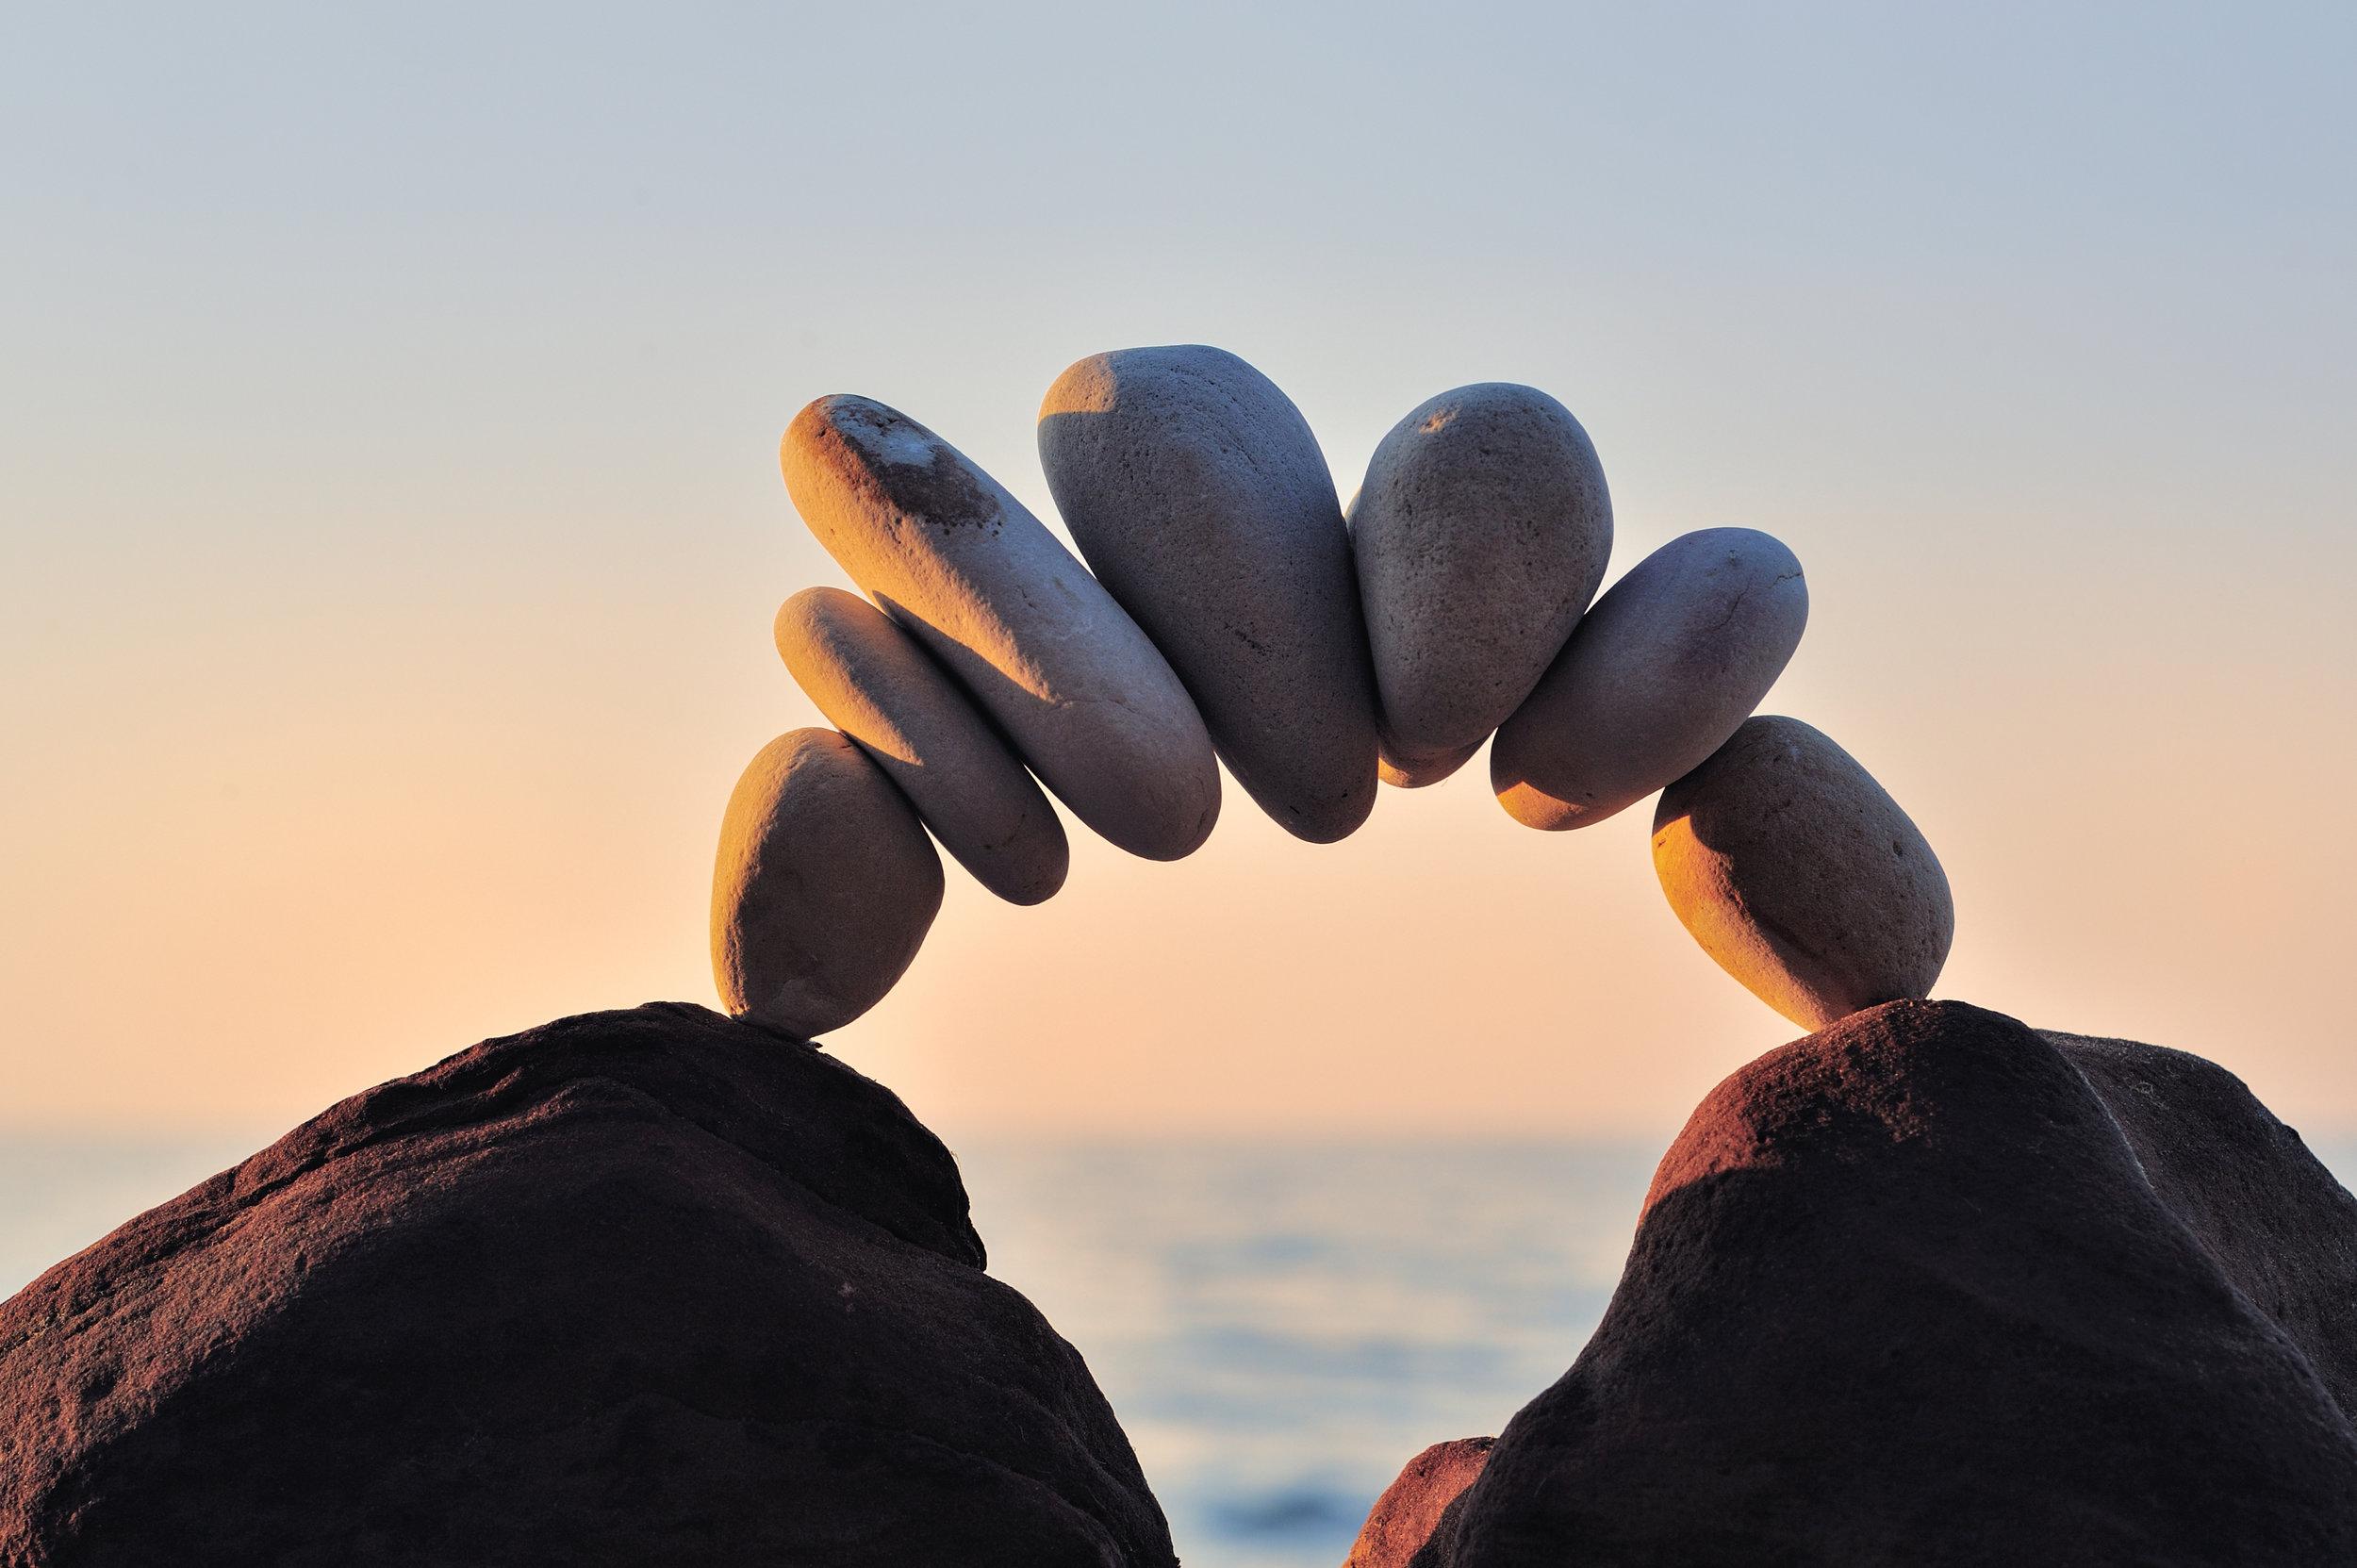 Vår vision - Vi ser PsykosyntesInstitutet som en plats för mänskligt växande, för dig och för de människor du möter i ditt liv. När vi ökar vår medvetenhet och söker den djupare vilja att leva meningsfullt genom mänskligt växande som finns inom oss, mår både du, jag och vår omvärld bättre. Välmående kan spridas och medmänsklig omsorg får vara grund för våra liv.